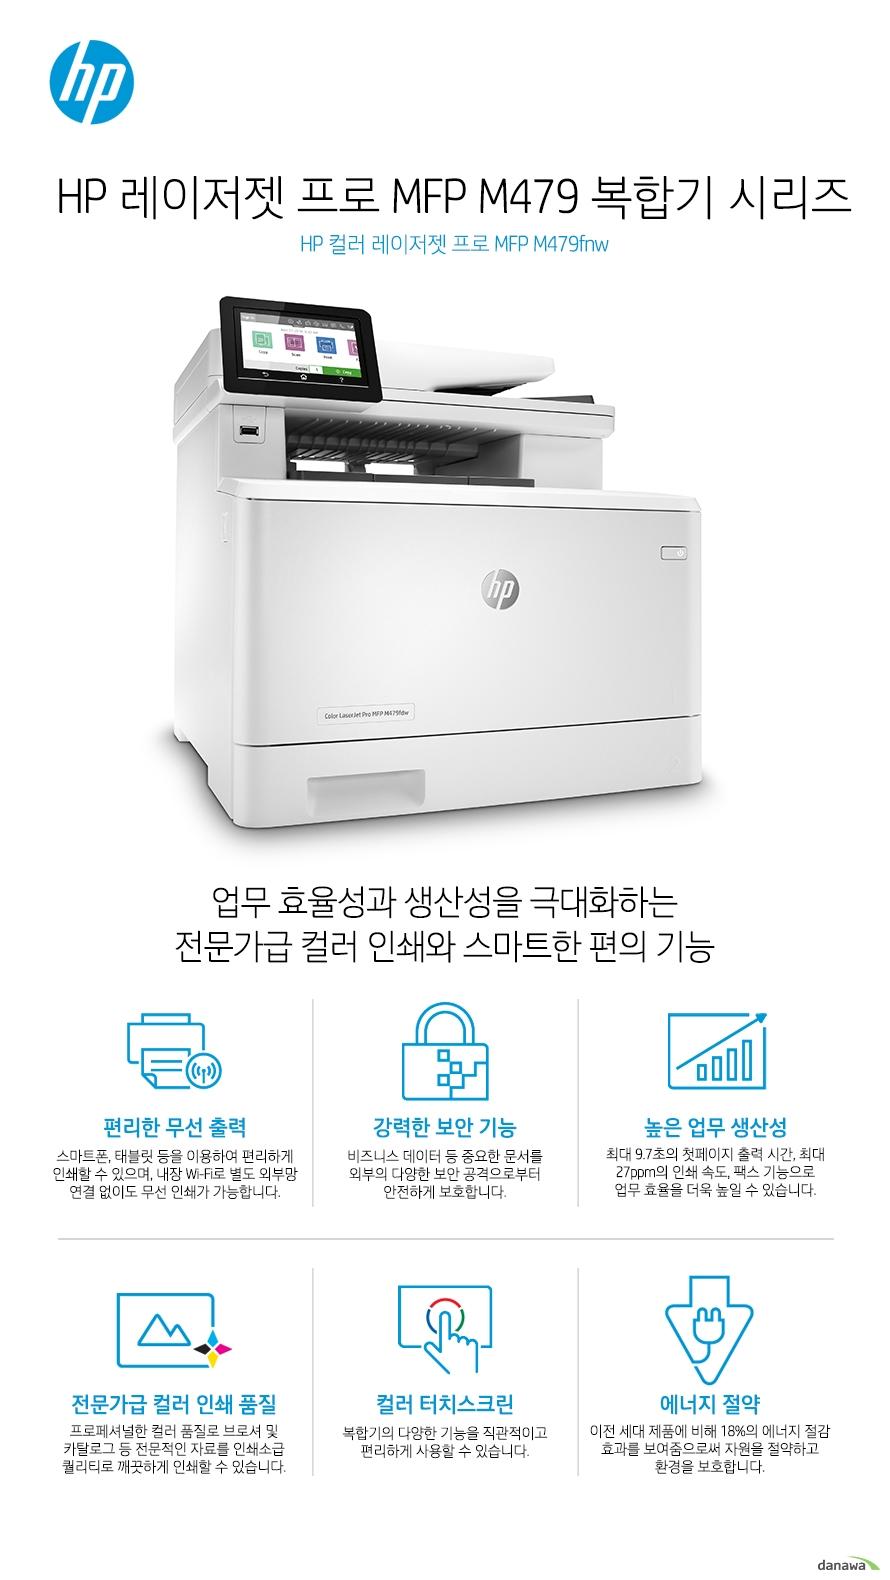 HP 컬러 레이저젯 프로 MFP M479fnw업무 효율성과 생산성을 극대화하는전문가급 컬러 인쇄와 스마트한 편의 기능편리한 무선 출력스마트폰, 태블릿 등을 이용하여 편리하게 인쇄할 수 있으며, 내장 Wi-Fi로 별도 외부망 연결 없이도 무선 인쇄가 가능합니다. 강력한 보안 기능비즈니스 데이터 등 중요한 문서를 외부의 다양한 보안 공격으로부터 안전하게 보호합니다.높은 업무 생산성최대 9.7초의 첫페이지 출력 시간, 최대 27ppm의 인쇄 속도, 팩스 기능으로 업무 효율을 더욱 높일 수 있습니다.전문가급 컬러 인쇄 품질프로페셔널한 컬러 품질로 브로셔 및 카탈로그 등 전문적인 자료를 인쇄소급 퀄리티로 깨끗하게 인쇄할 수 있습니다.컬러 터치스크린복합기의 다양한 기능을 직관적이고 편리하게 사용할 수 있습니다.에너지 절약이전 세대 제품에 비해 18%의 에너지 절감 효과를 보여줌으로써 자원을 절약하고 환경을 보호합니다.무선으로 인쇄하는 스마트한 방법무선 연결로 인해 사용자의 인쇄 업무는 놀라울 정도로 편리해집니다. 스캔한 파일을 곧바로 이메일, USB, 네트워크 폴더 및 마이크로소프트 SharePoint로 전송하고 인쇄를 빠르게 진행해보세요. 복잡하고 번거로웠던 인쇄 업무가 간편하게 완료 됩니다.Wi-Fi 다이렉트 프린팅자체 내장된 Wi-Fi로 별도 외부망 연결 없이 편리한 무선 연결 인쇄를 경험해보세요. 스마트폰과 태블릿은 물론, PC 및 노트북 등을 별도의 네트워크나 라우터 연결 없이 HP 제품에 곧바로 무선 연결하여 편리하게 사용할 수 있습니다.모바일 프린팅스마트폰, 태블릿으로 간편한 인쇄하세요.시간과 장소의 제약 없이 언제 어디서나 편리하게 원하는 문서를 인쇄할 수 있습니다. HP e프린트HP e프린트 전용 계정을 생성하고 편리한 인쇄를 시작하세요. 프린터에 지정된 고유의  이메일 주소로 이메일을 보내면 언제 어디서나 출력할 수 있습니다. 별도의 소프트웨어 설치가 필요 없어 사용이 매우 간편합니다.HP Smart 앱HP 프린터로 언제 어디서나 인쇄하고, 스캔하고, 공유하십시오! HP Smart로 그 어느 때보다 쉽게 인쇄하고 필요한 도구를 손 안에서 사용할 수 있습니다.Apple Air Print애플의 Air Print 기능으로 IOS 기기에서 편리하게 모바일 인쇄를 할 수 있습니다. PC를 가지고 있지 않을 때도 인터넷에 연결할 수 있다면 아이폰 등 IOS 모바일 기기를 이용하여 어디서나, 편리하게 인쇄 할 수 있습니다.구글 클라우드 프린트구글 클라우드 프린트는 별도의 드라이버 없이도 모바일 기기에서 워드 문서 및 웹 사이트 내용을 실시간으로 인쇄할 수 있는 모바일 프린팅 솔루션입니다. 스마트폰, 태블릿 뿐만 아니라 네트워크에 연결되어 있는 PC, 노트북 등을 통해 지메일이나 구글 문서도구와 같은 애플리케이션의 문서를 간편하게 인쇄할 수 있습니다. 최고 수준의 보안 기능HP 프린팅 보안 시스템은 실시간 위협 탐지는 물론 자동 모니터링 및 소프트웨어 검증을 통해 프린터를 넘어 당신의 네트워크까지 보호합니다.강력한 보안 기능과 실시간 위협 탐지기본으로 내장된 강력한 보안 기능이 부트 영역에서부터 펌웨어까지, 외부의 공격으로부터 안전하게 보호 합니다. 또한, 실시간으로 사이버 공격과 위협을 탐지하여 보안 문제가 발생할 경우 즉각적으로 알려주어 빠른 대처가 가능합니다. 통합 관리를 통해 더욱 효율적인 기기 운영하나의 드라이버로 모든 HP 디바이스를 관리하여 더욱 효율적인 업무가 가능해집니다. HP 젯어드밴테이지 시큐리티 매니저(옵션)를 이용하면, 여러대의 장비에 대한 보안 설정을 간편하게 일괄 설정, 변경하거나 자동으로 적용시킬 수 있습니다. PIN 인증중요 문서 및 기밀 문서를 인쇄할 때 보안이 걱정되셨다면,  보안(PIN) 프린팅 기능을 통해 기밀 문서를 보호하세요. 별도로 지정이 가능한 PIN 번호 인증으로 더욱 안전합니다.USB 메모리 하나로장비를 한단계 업그레이드 할 수 있습니다.작업 저장' 기능이나 '보안(PIN) 프린팅'과 같은 유용한 기능은 하드디스크가 장착된 고가의 프린터에서만 사용이 가능하였습니다. HP 레